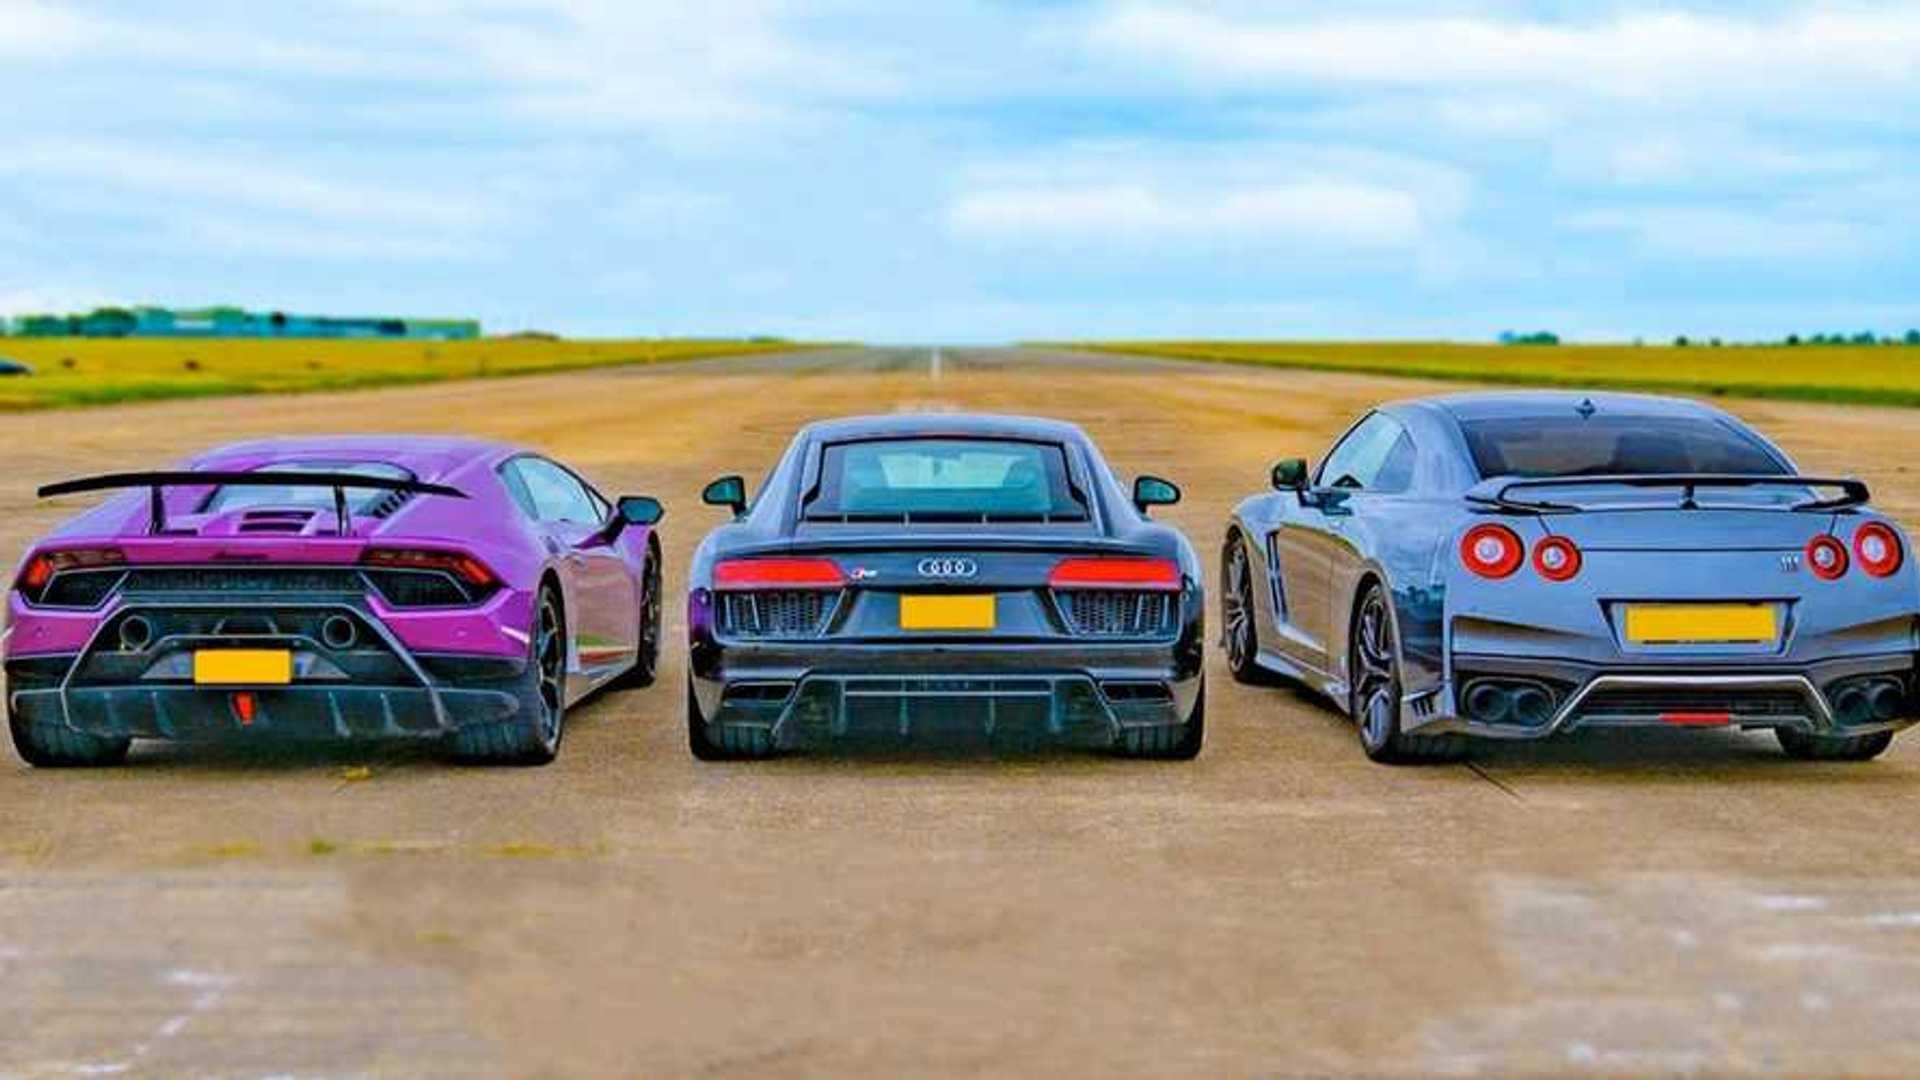 Nissan GT-R Versus V10 Supercars Drag Race